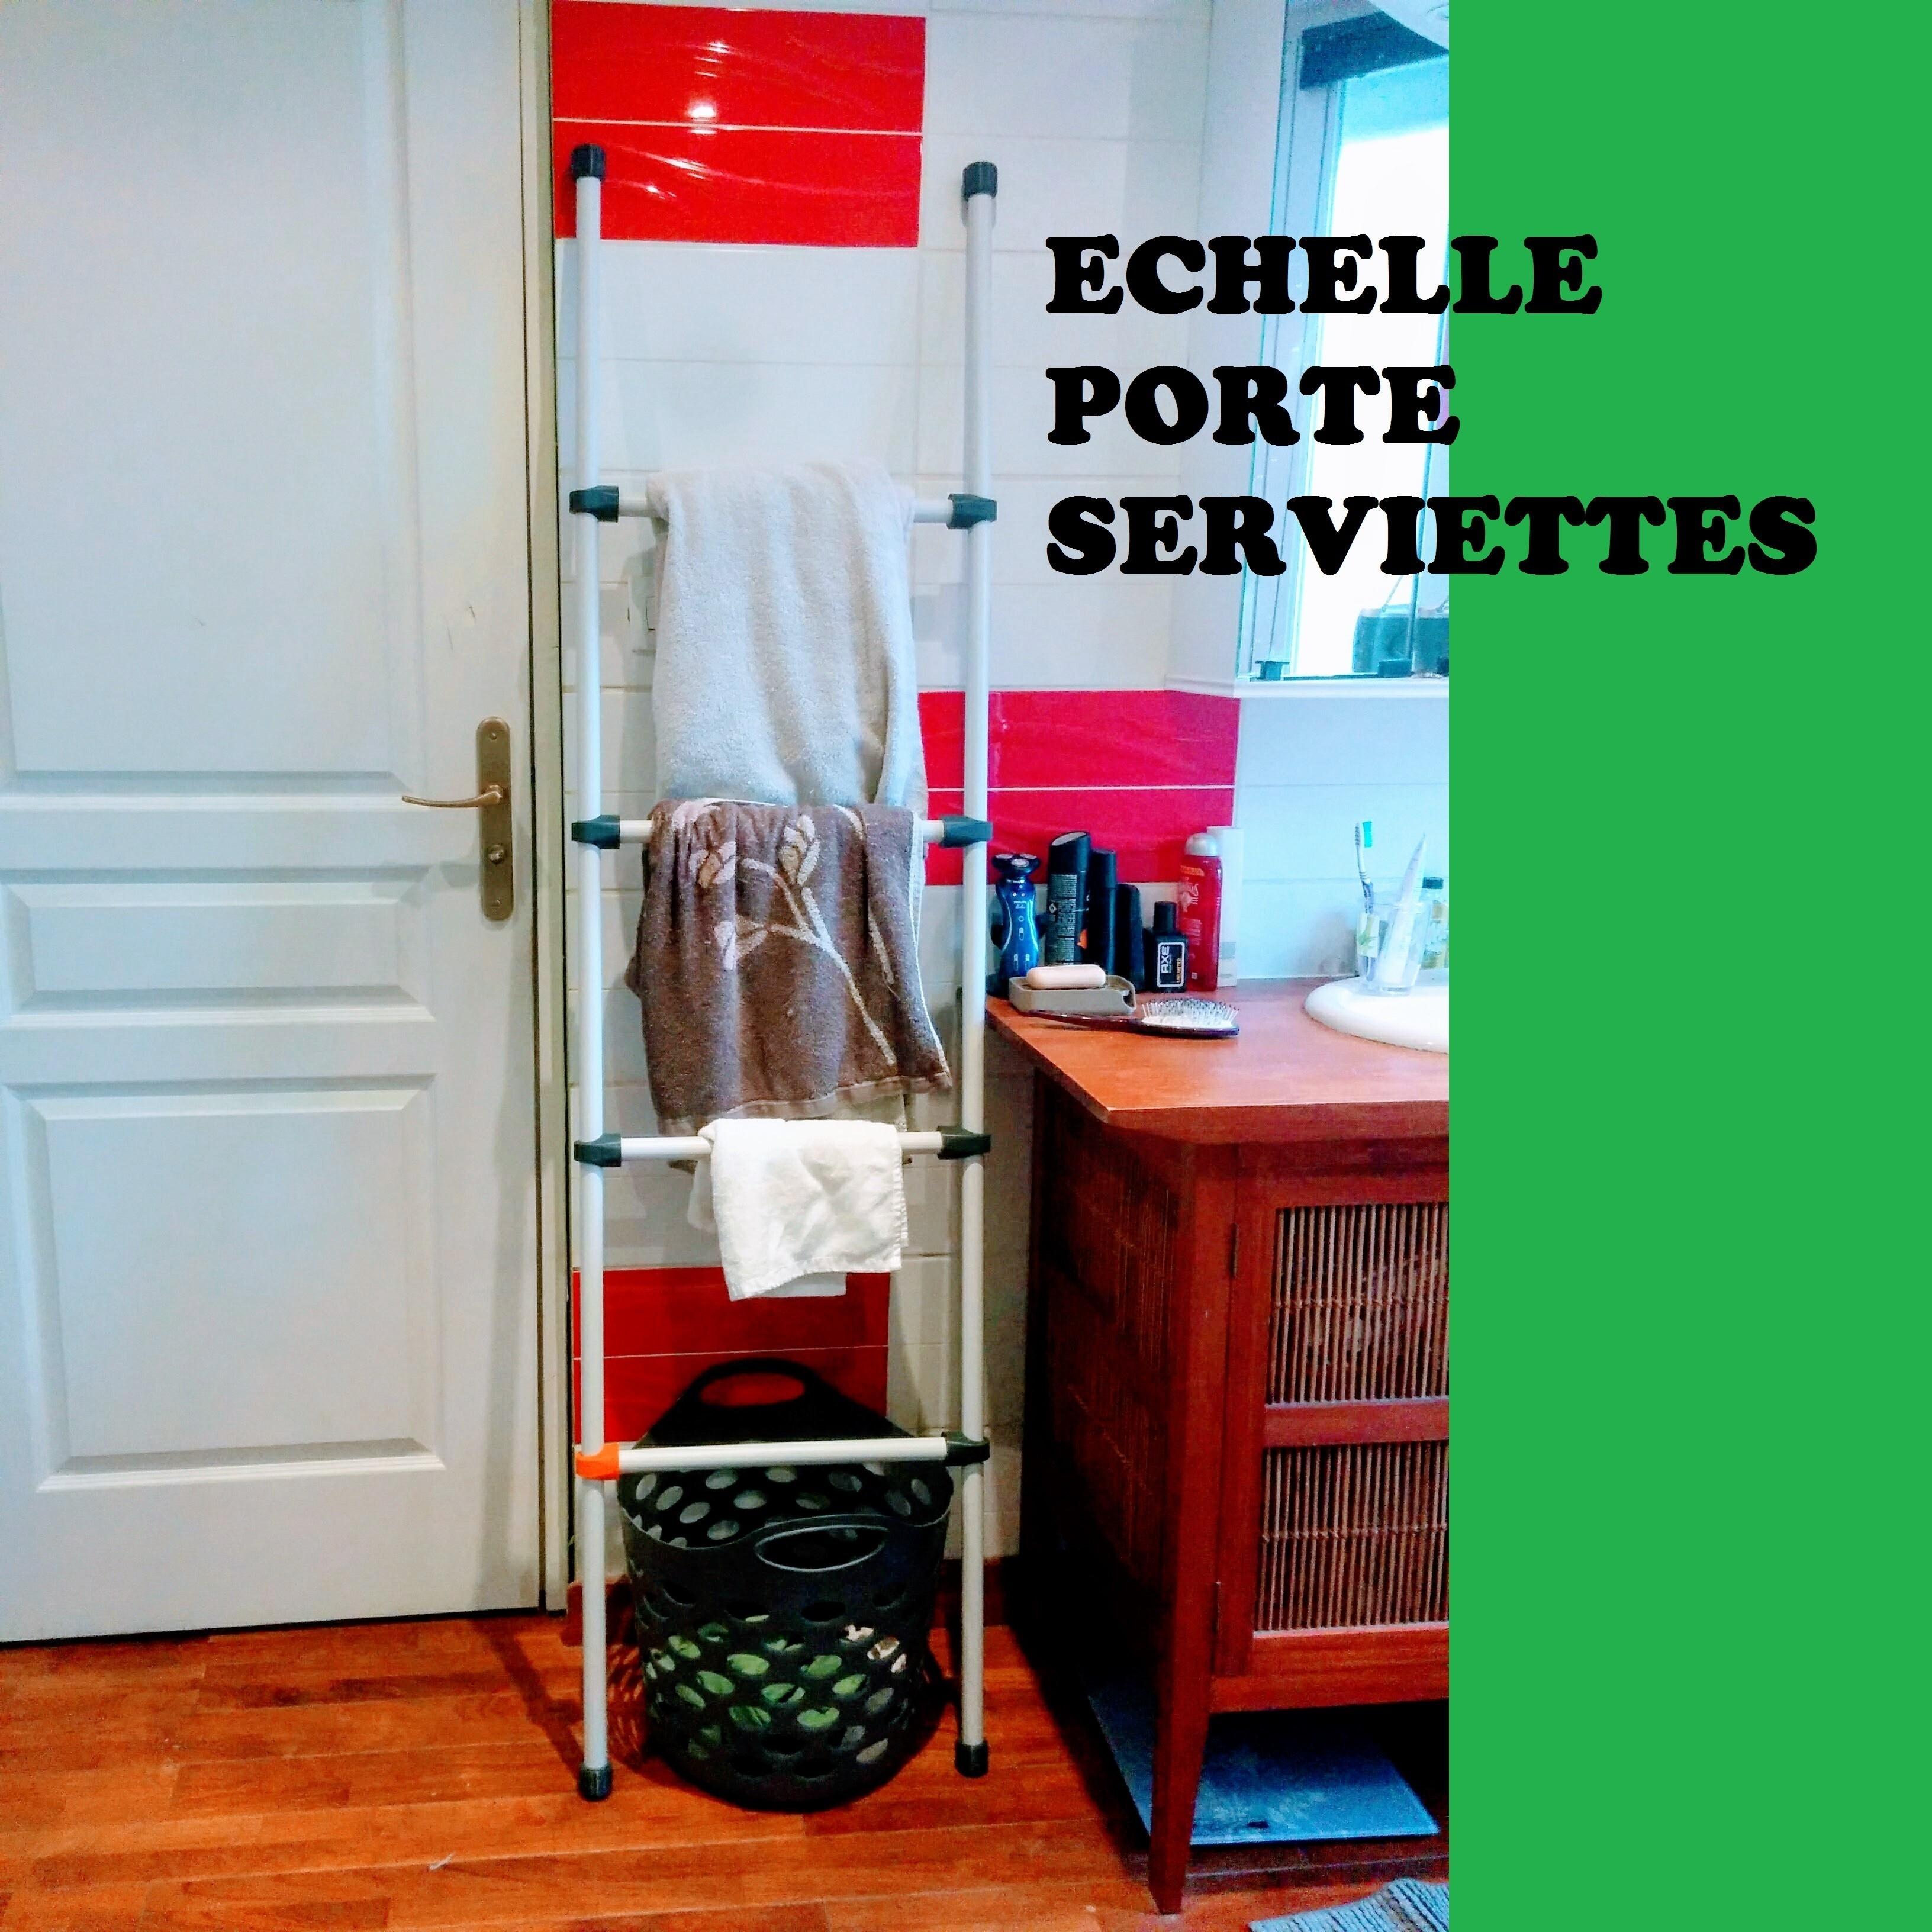 echelle porte serviettes.jpg Télécharger fichier STL gratuit Echelle porte serviettes • Plan imprimable en 3D, KaptainPoiscaille